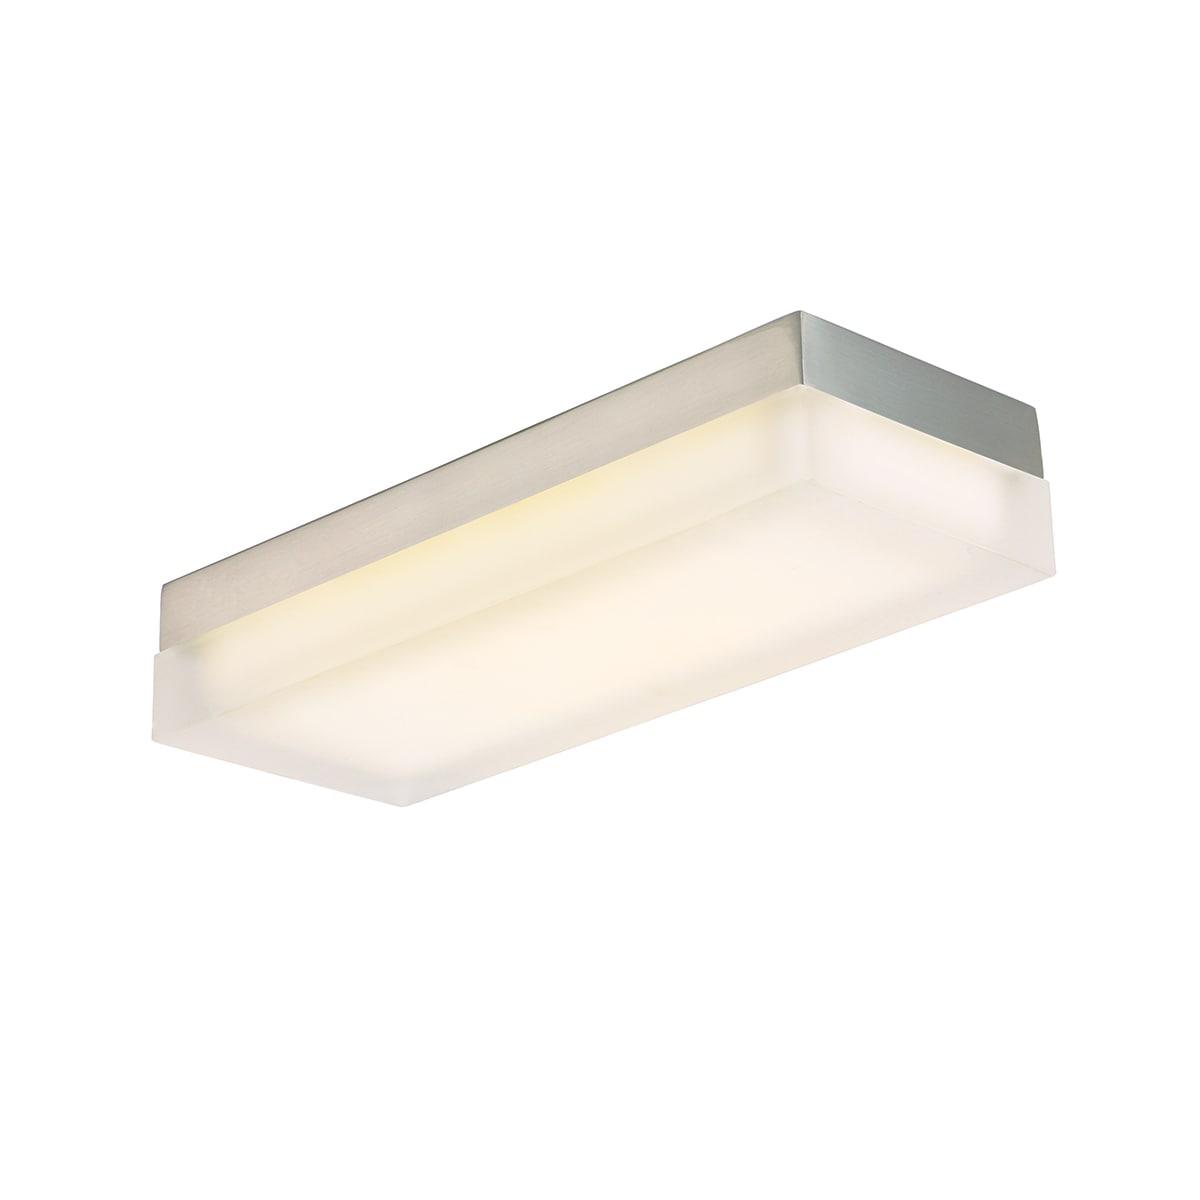 Dice led rectangular 1 light flush mount